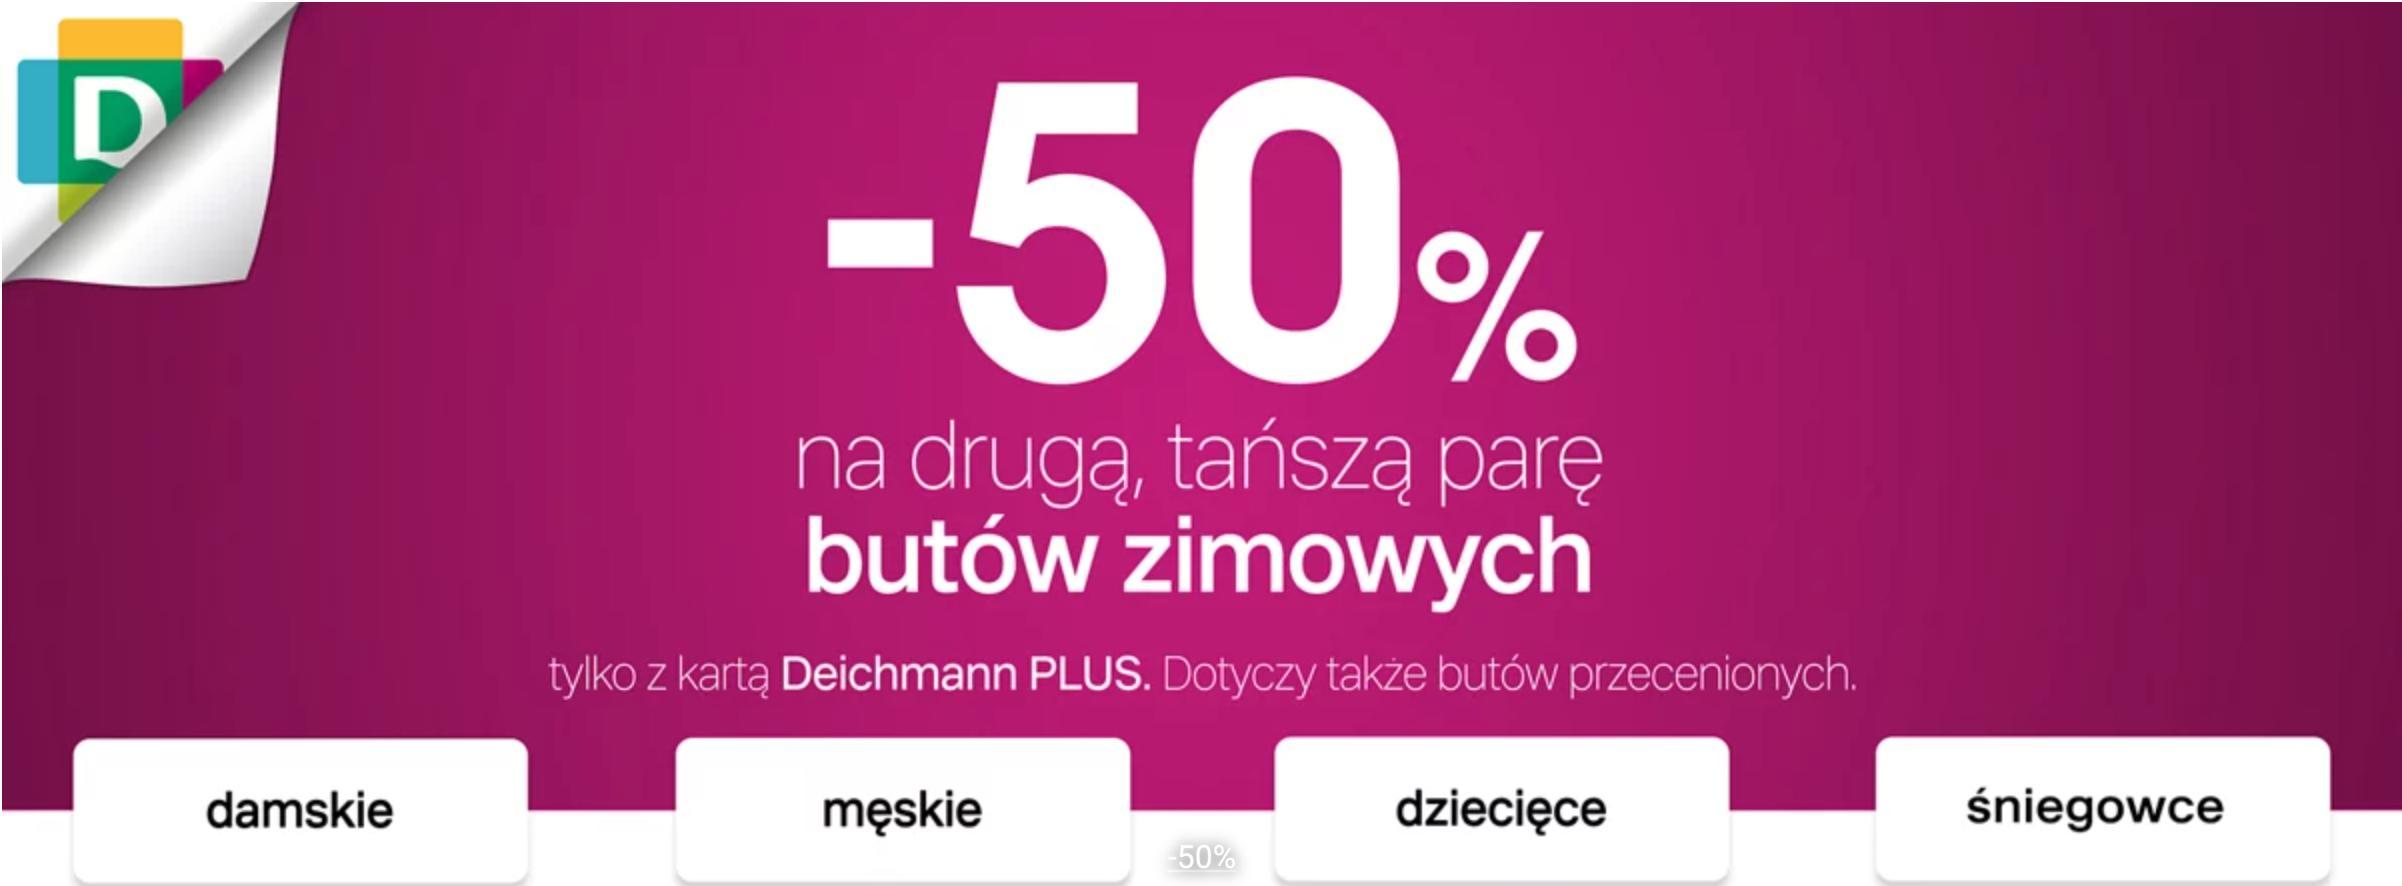 Deichmann: 50% zniżki na drugą, tańszą parę butów zimowych